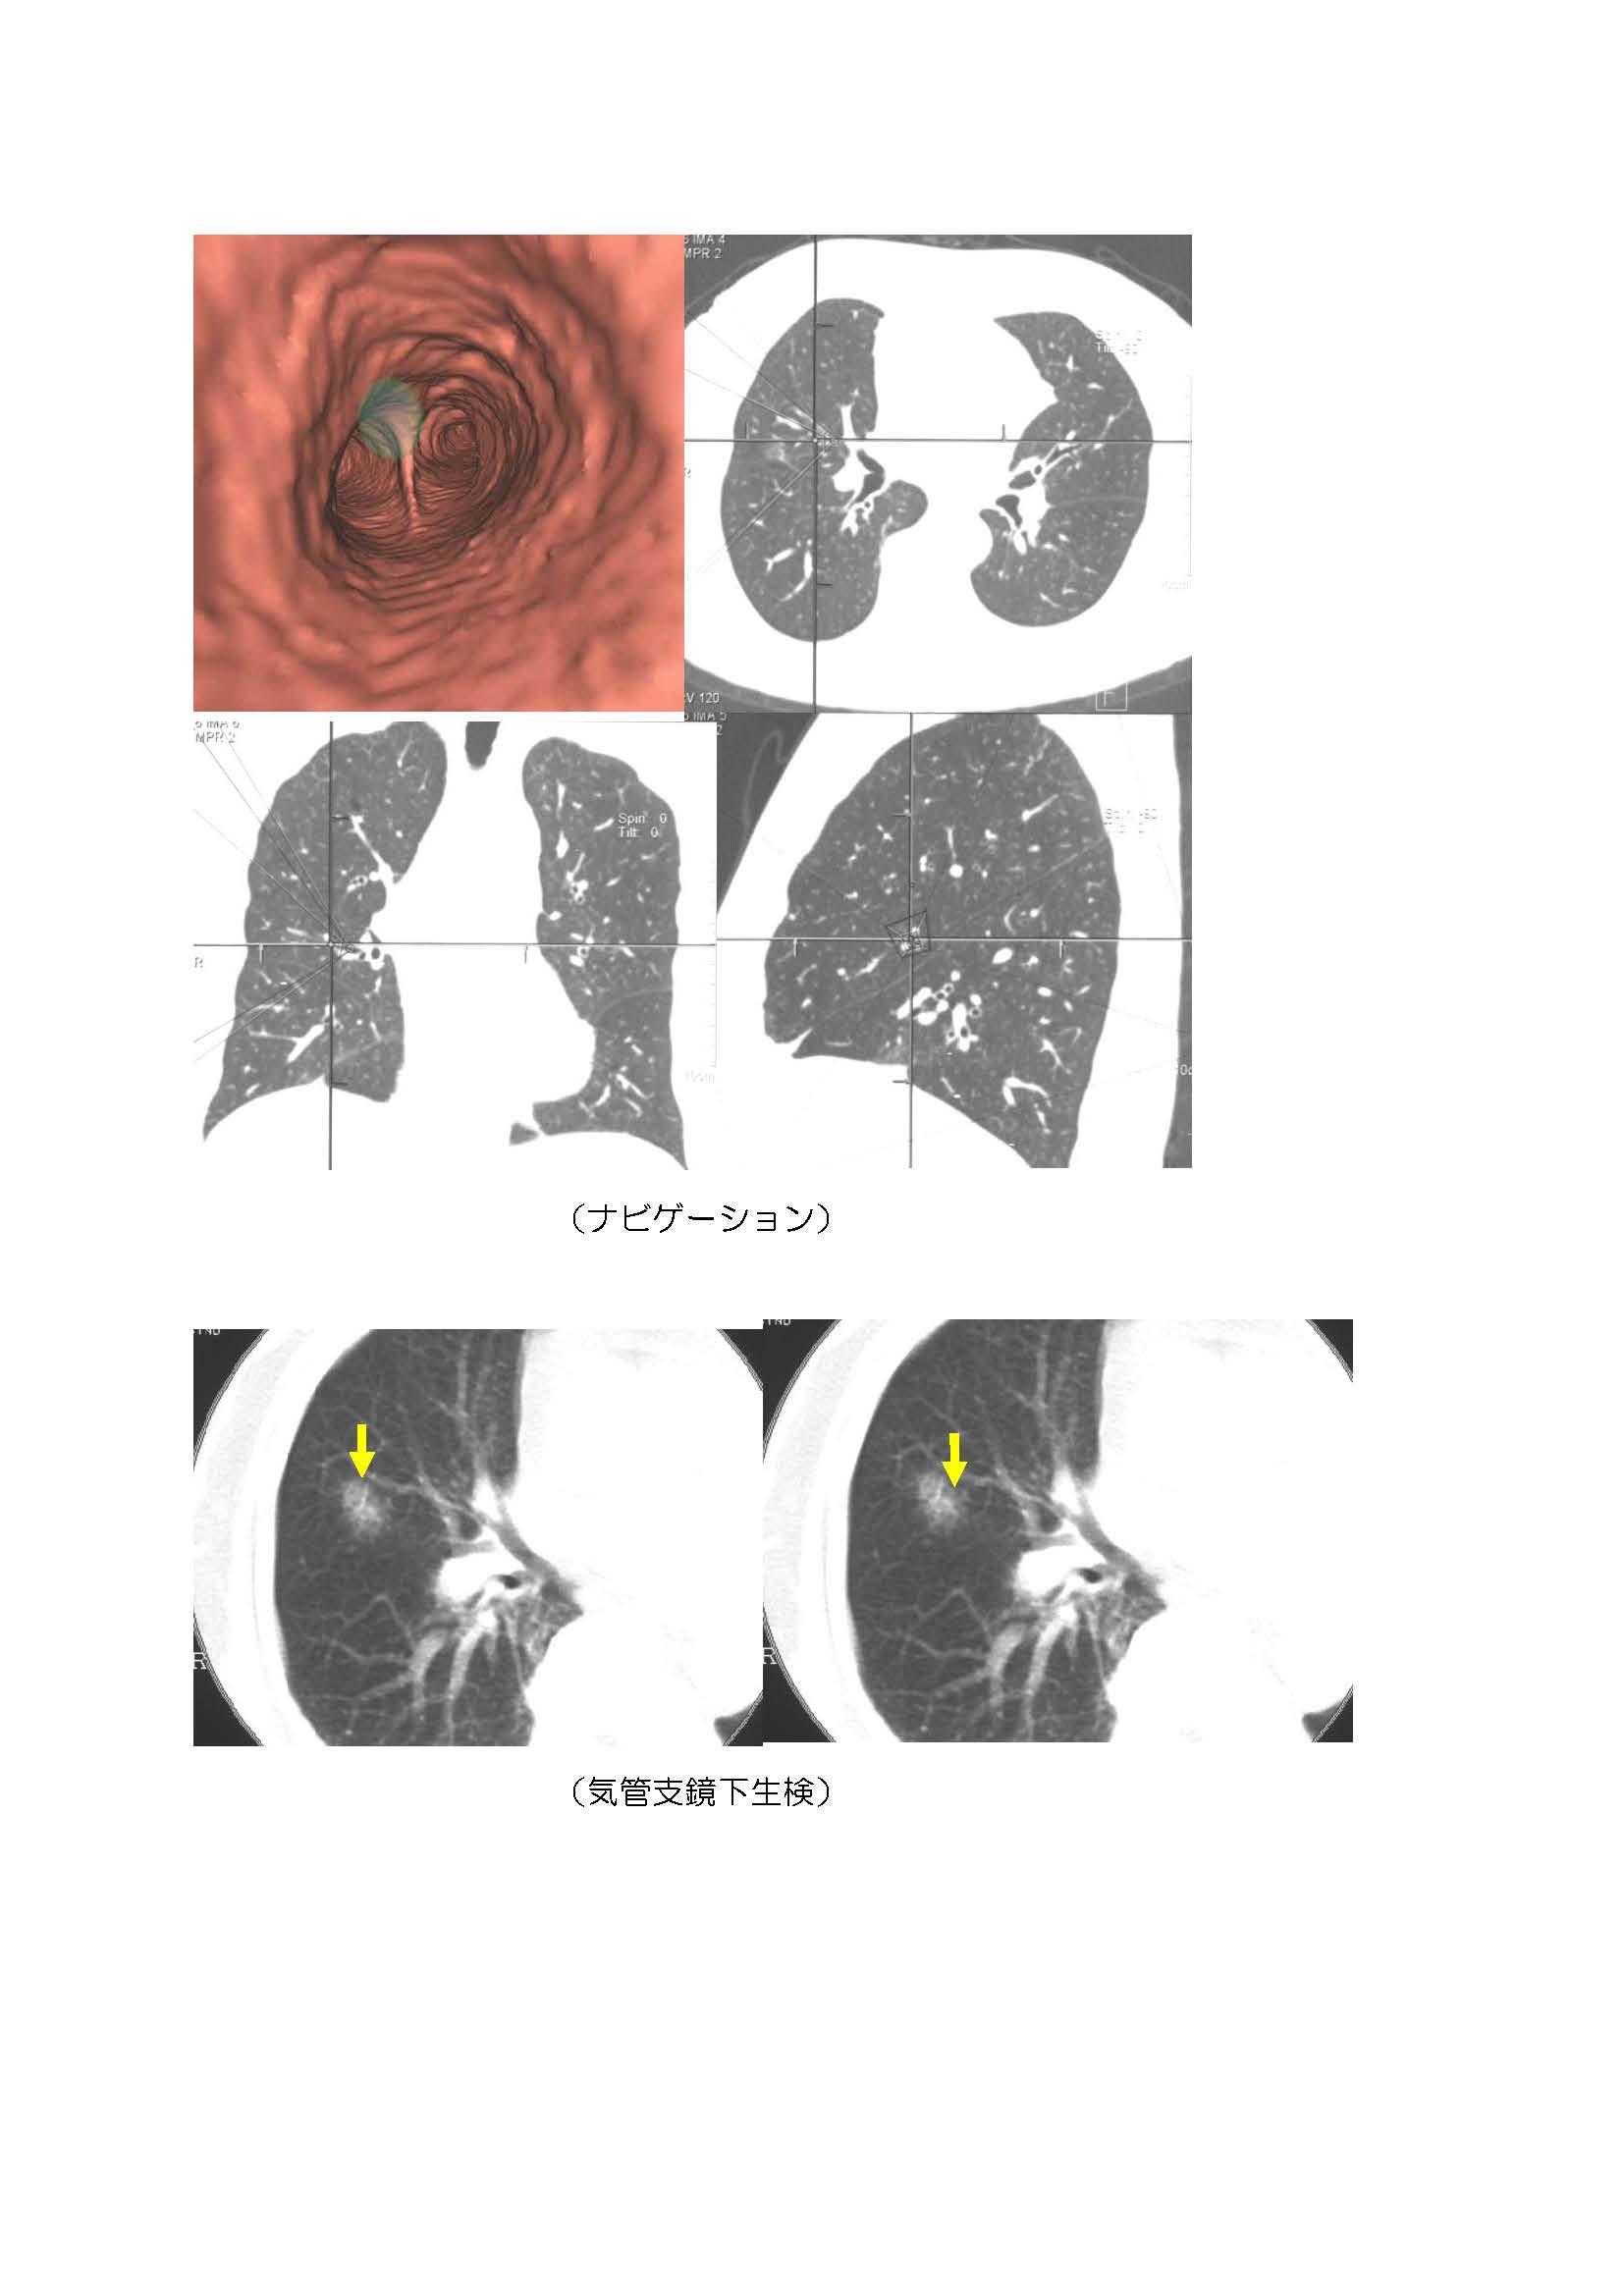 (33-2)気管支鏡肺がん診断.jpg